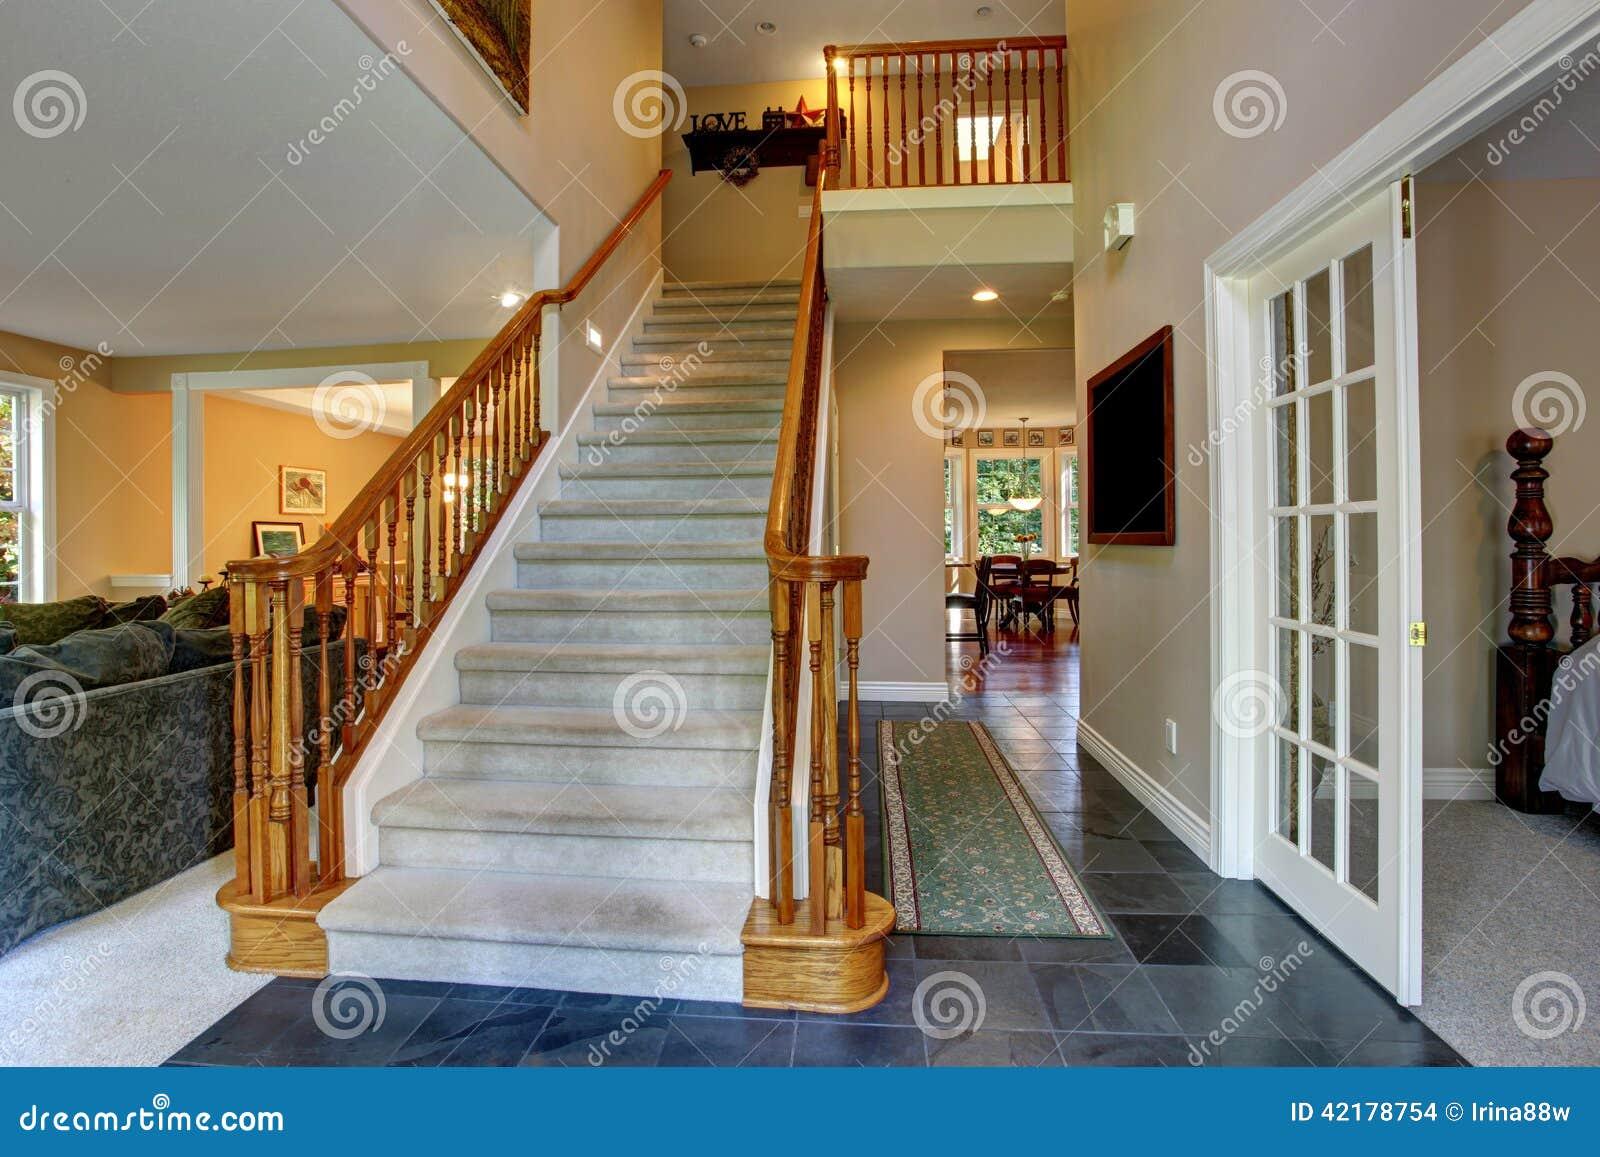 couloir avec l 39 escalier en bois photo stock image 42178754. Black Bedroom Furniture Sets. Home Design Ideas